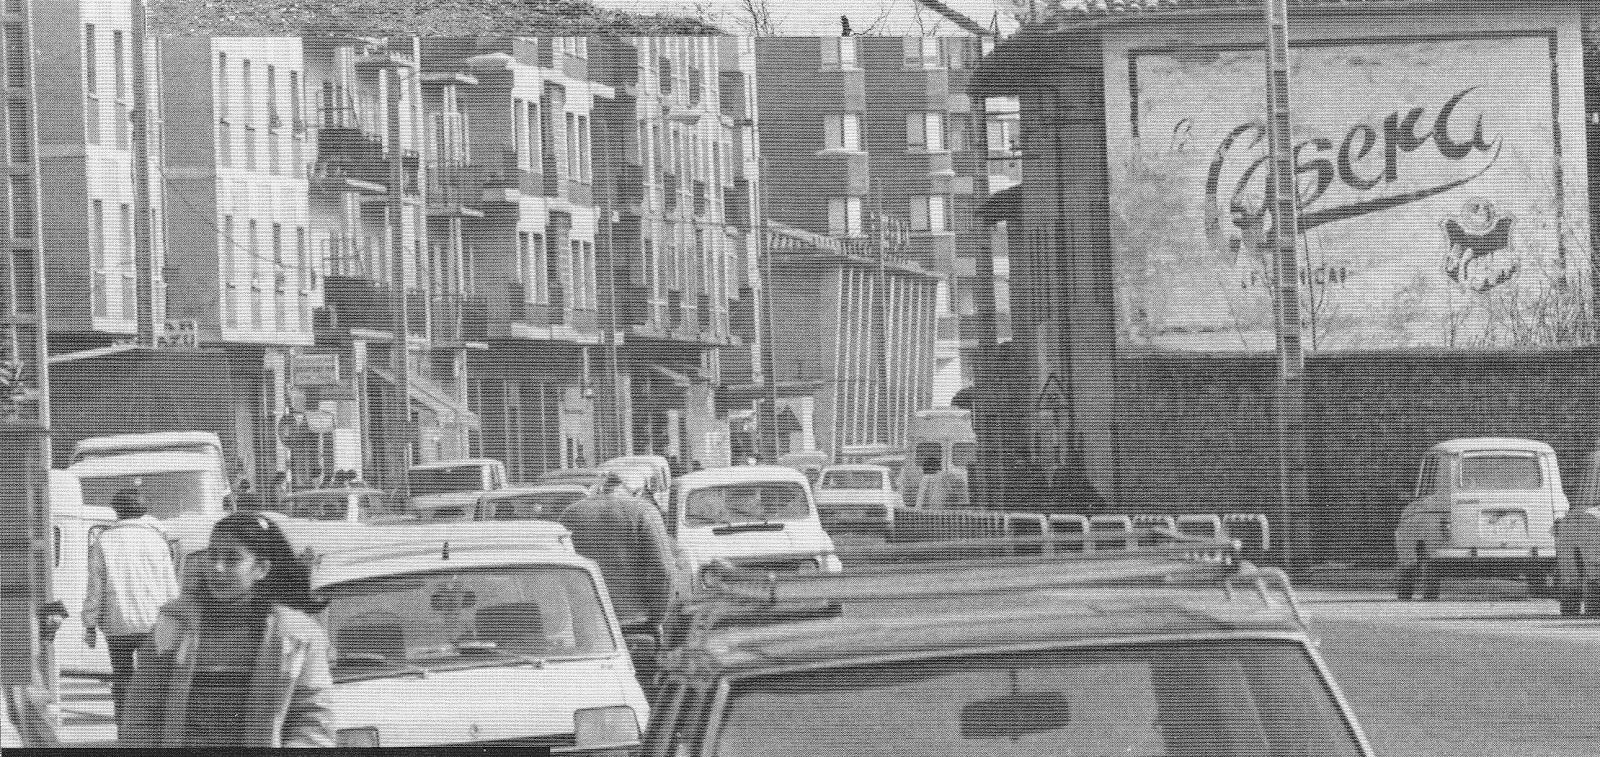 Memorias del viejo pamplona el barrio de la chantrea for Casa puntos pamplona